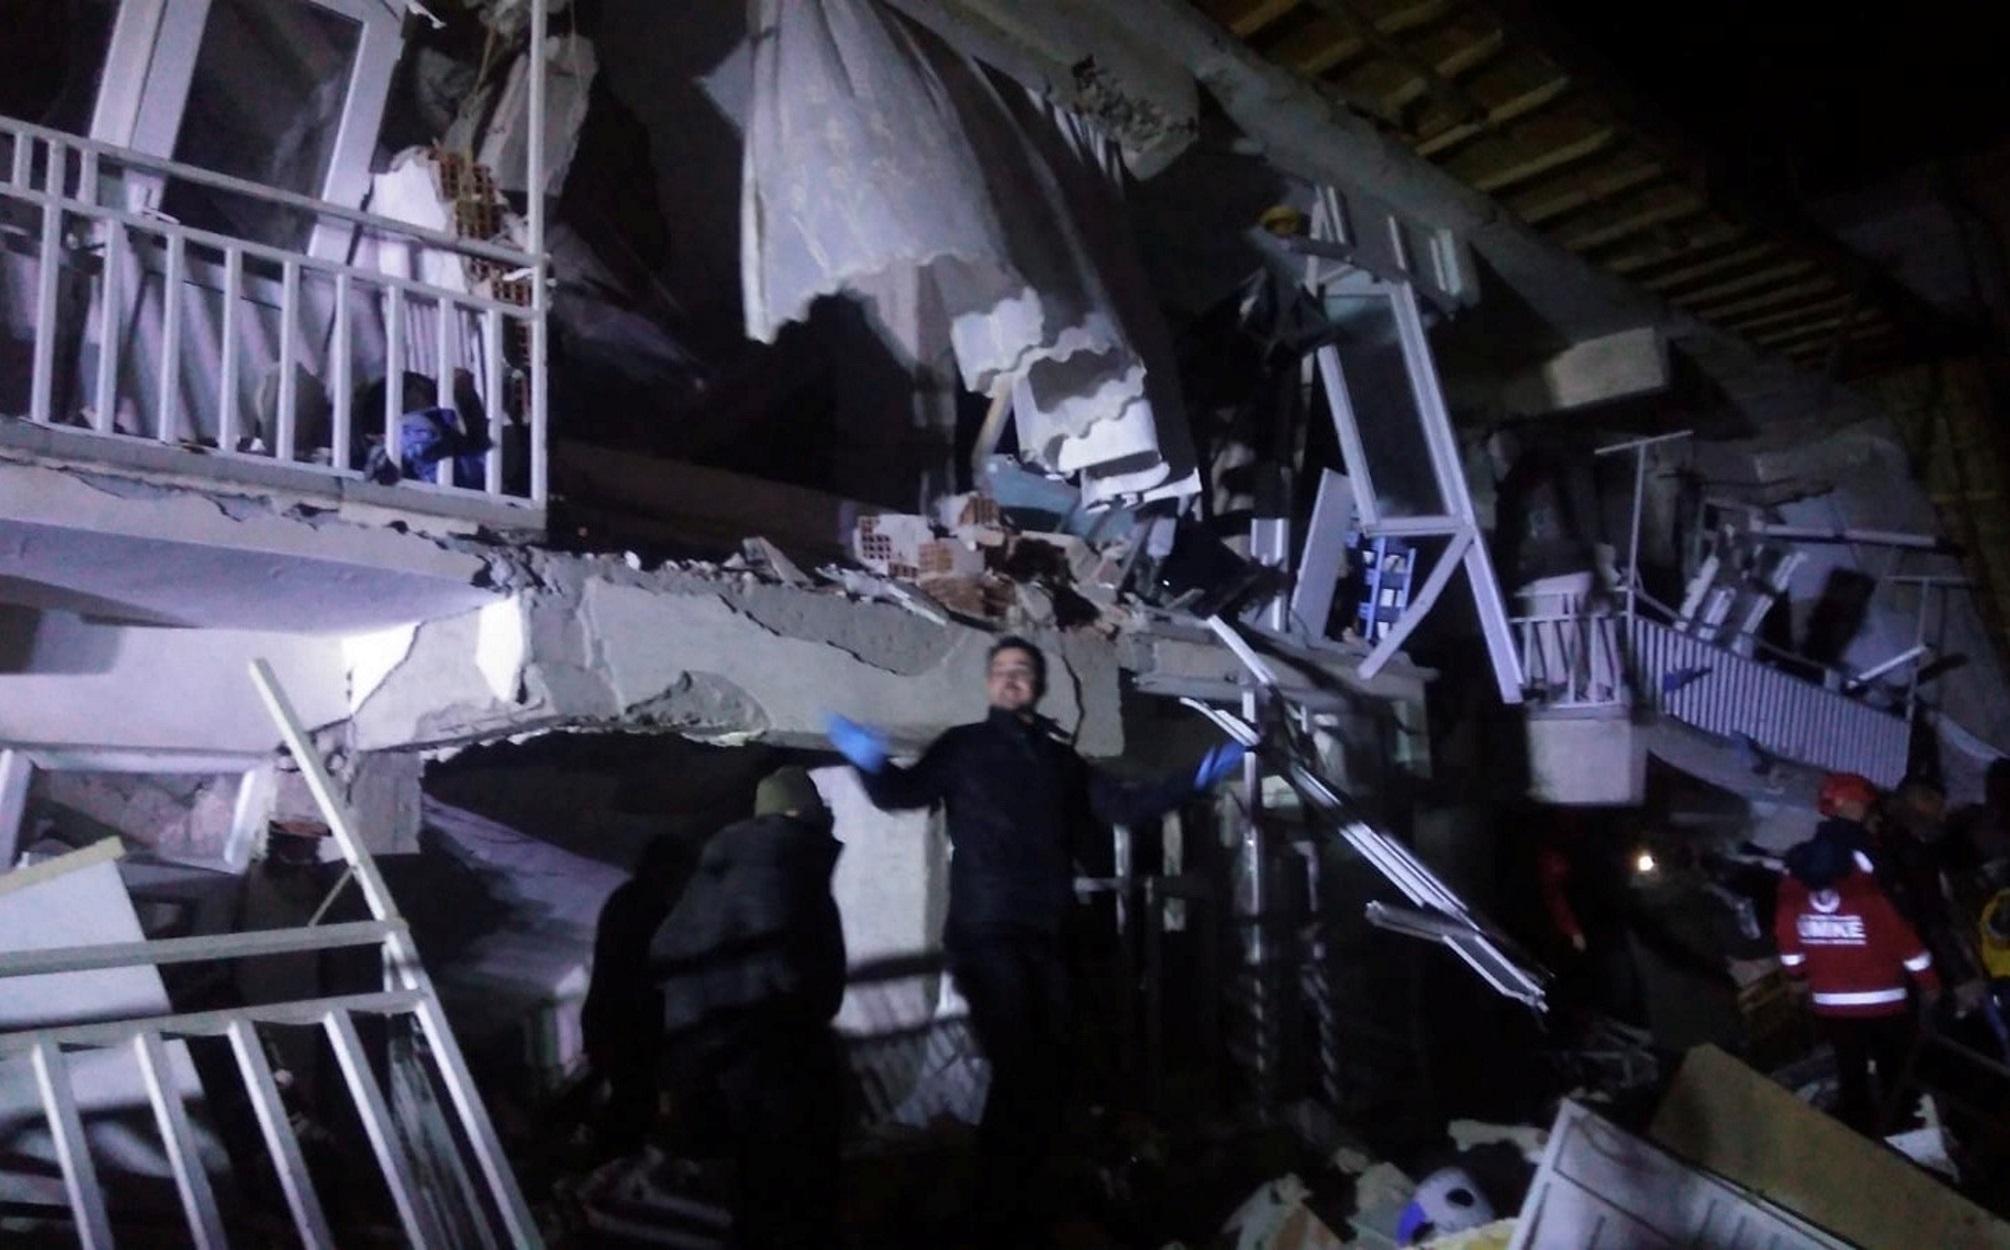 Όλο και περισσότερα πτώματα ξεθάβονται στην Τουρκία! Τουλάχιστον 18 νεκροί από τον φονικό σεισμό - Συγκλονιστικές μαρτυρίες